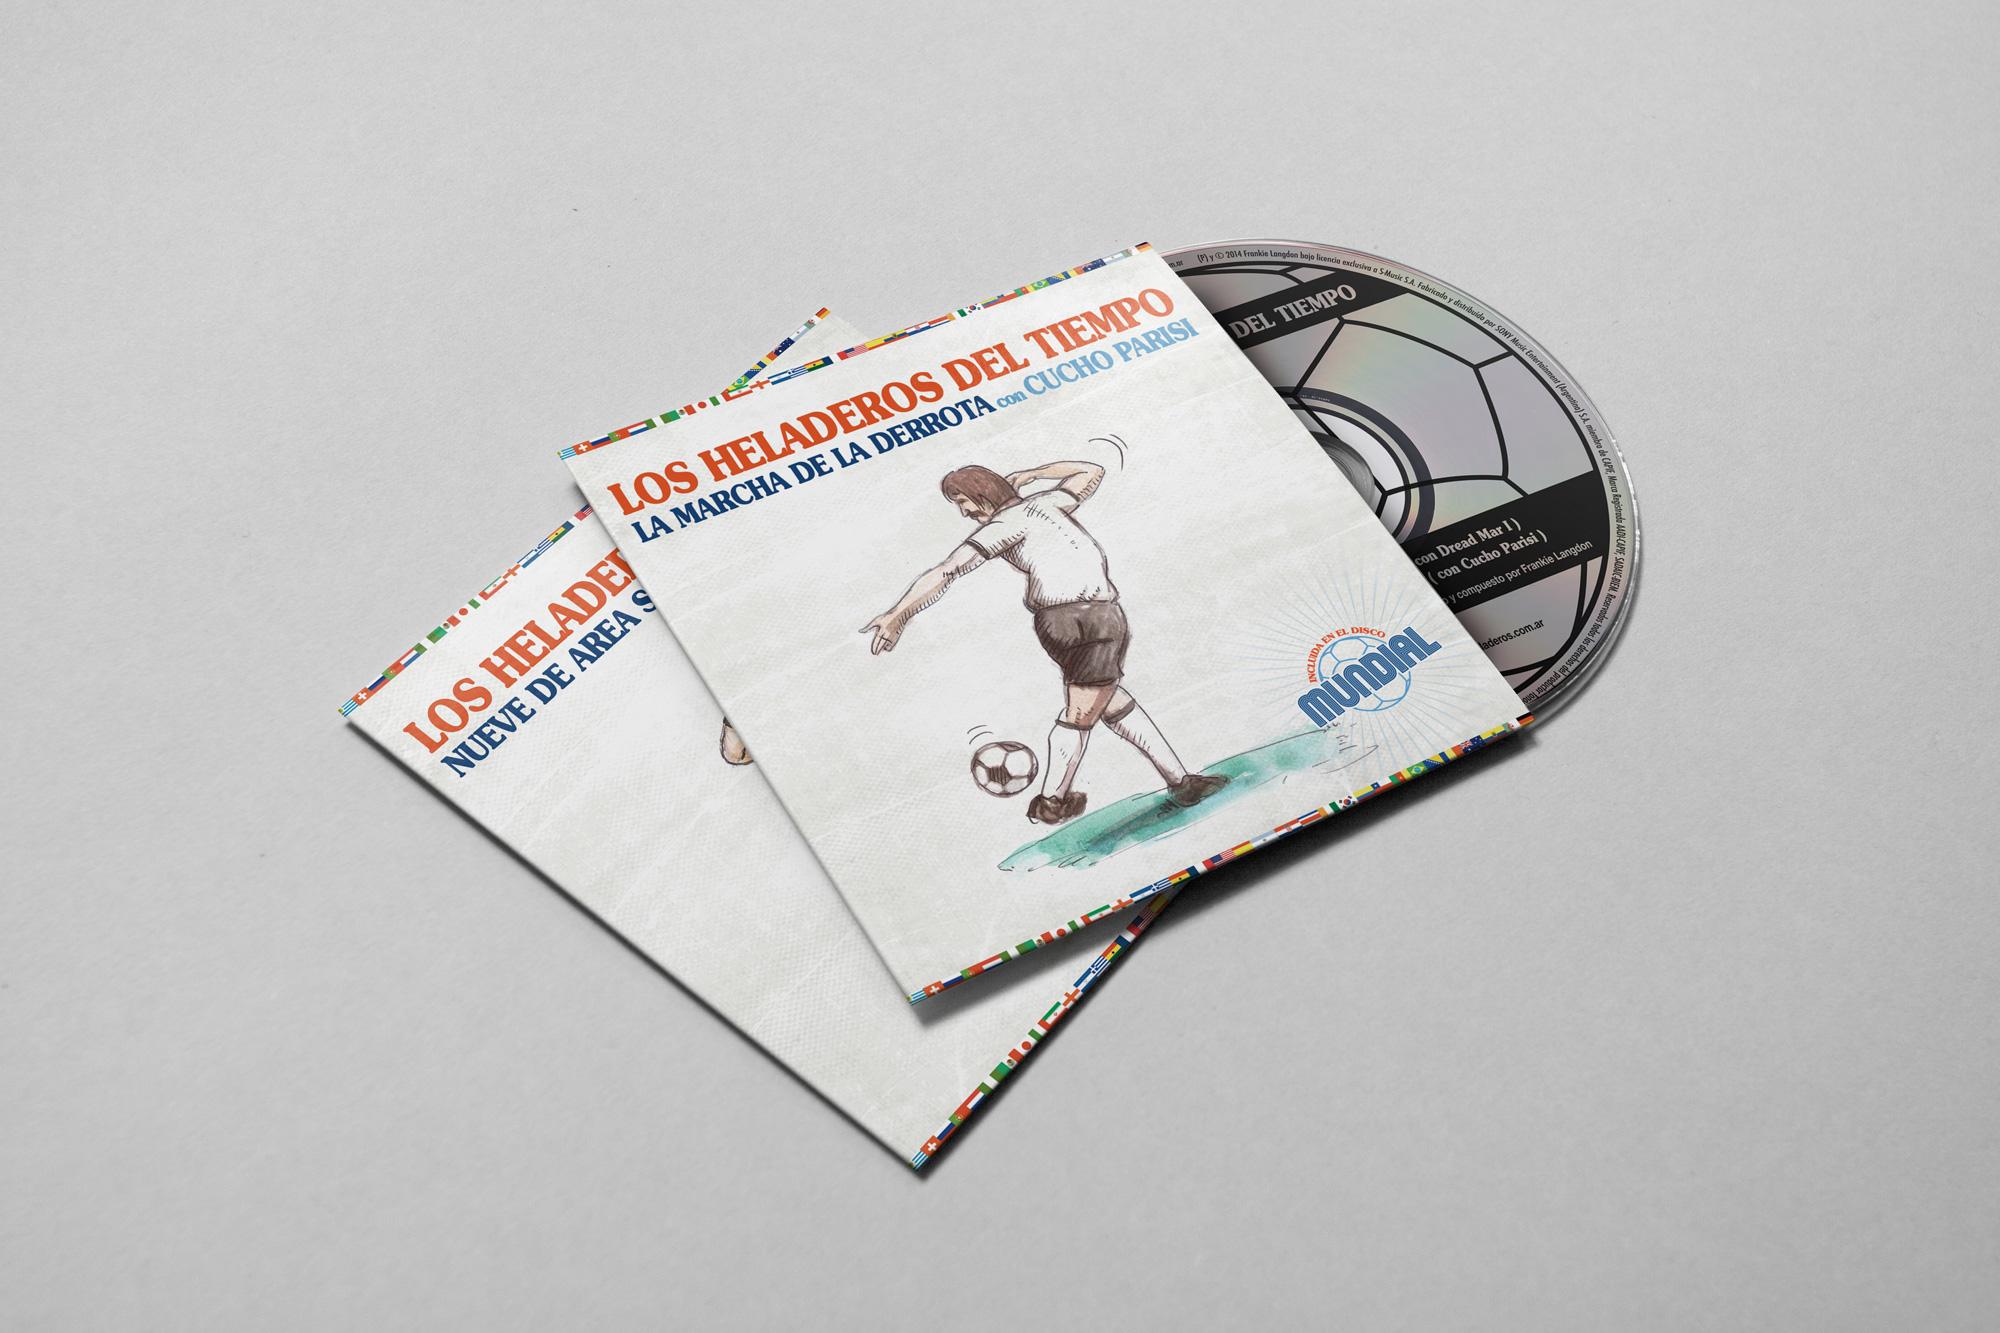 LOS-HELADEROS-DEL-TIEMPO-EP-PROMO-MUNDIAL-2014